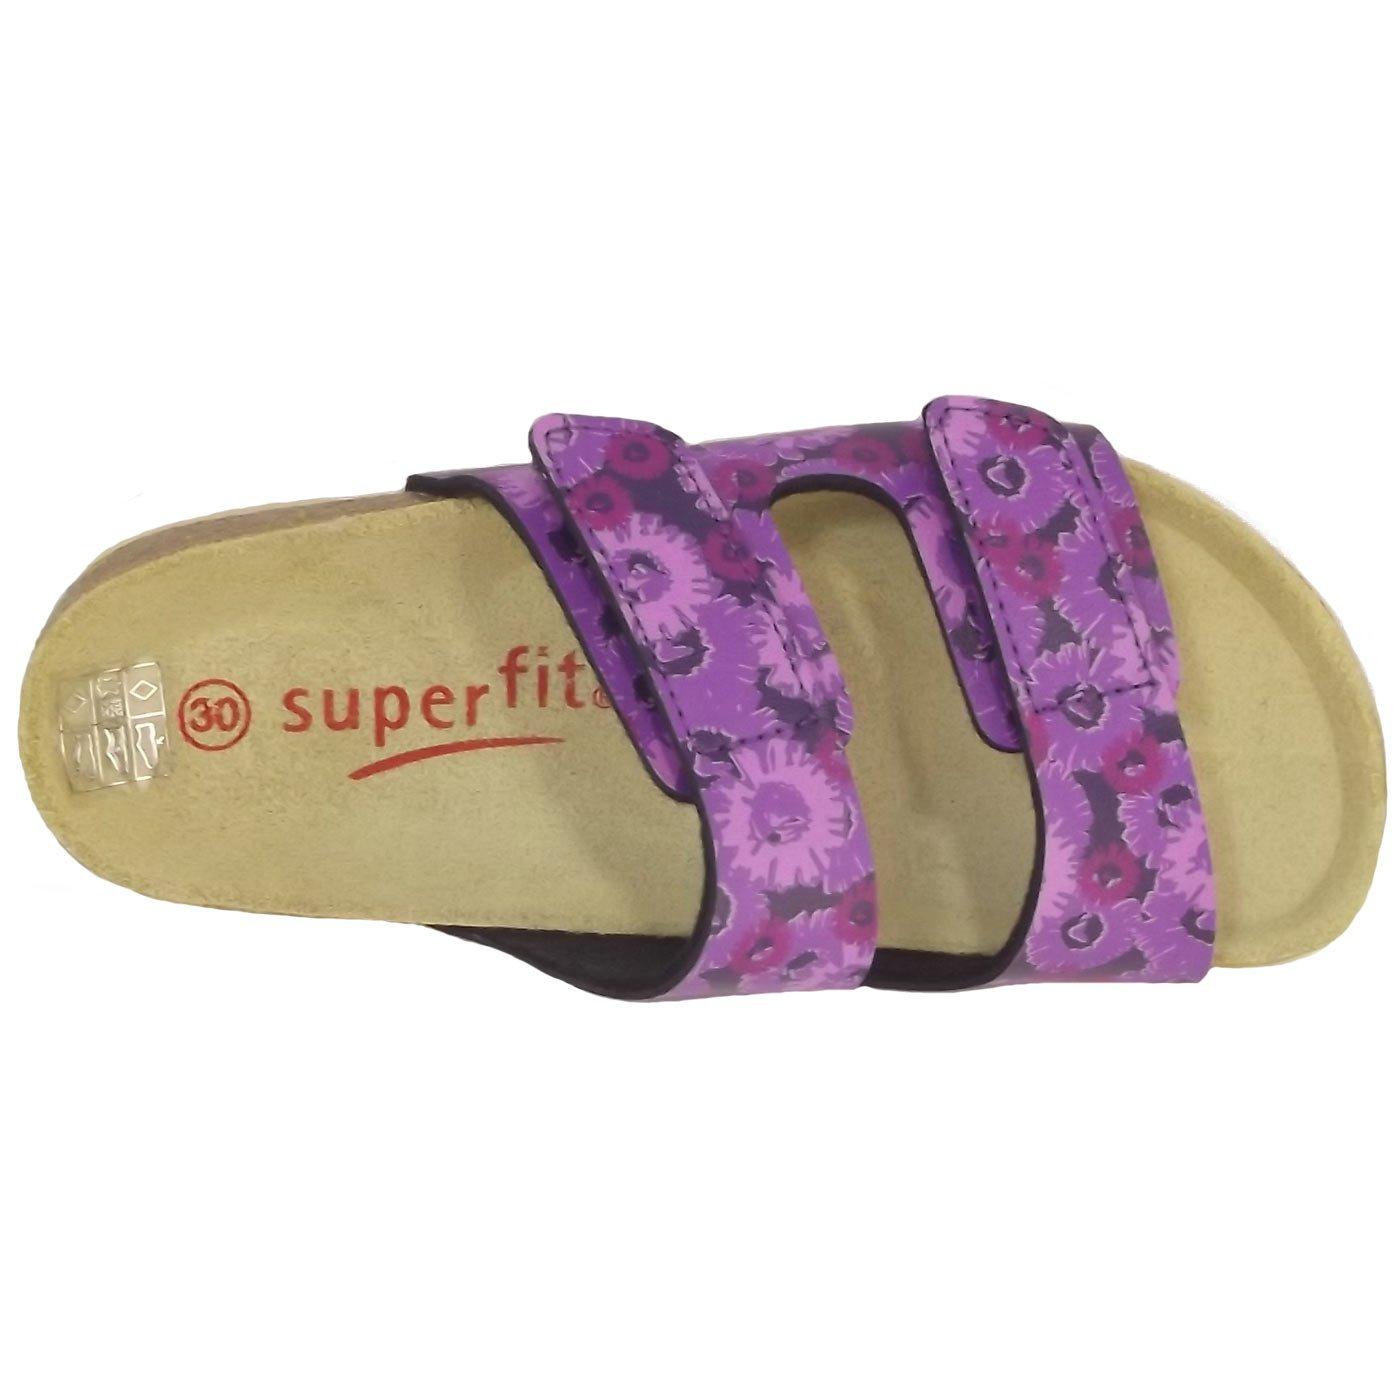 e9b3d15210ea9 Superfit Claquette